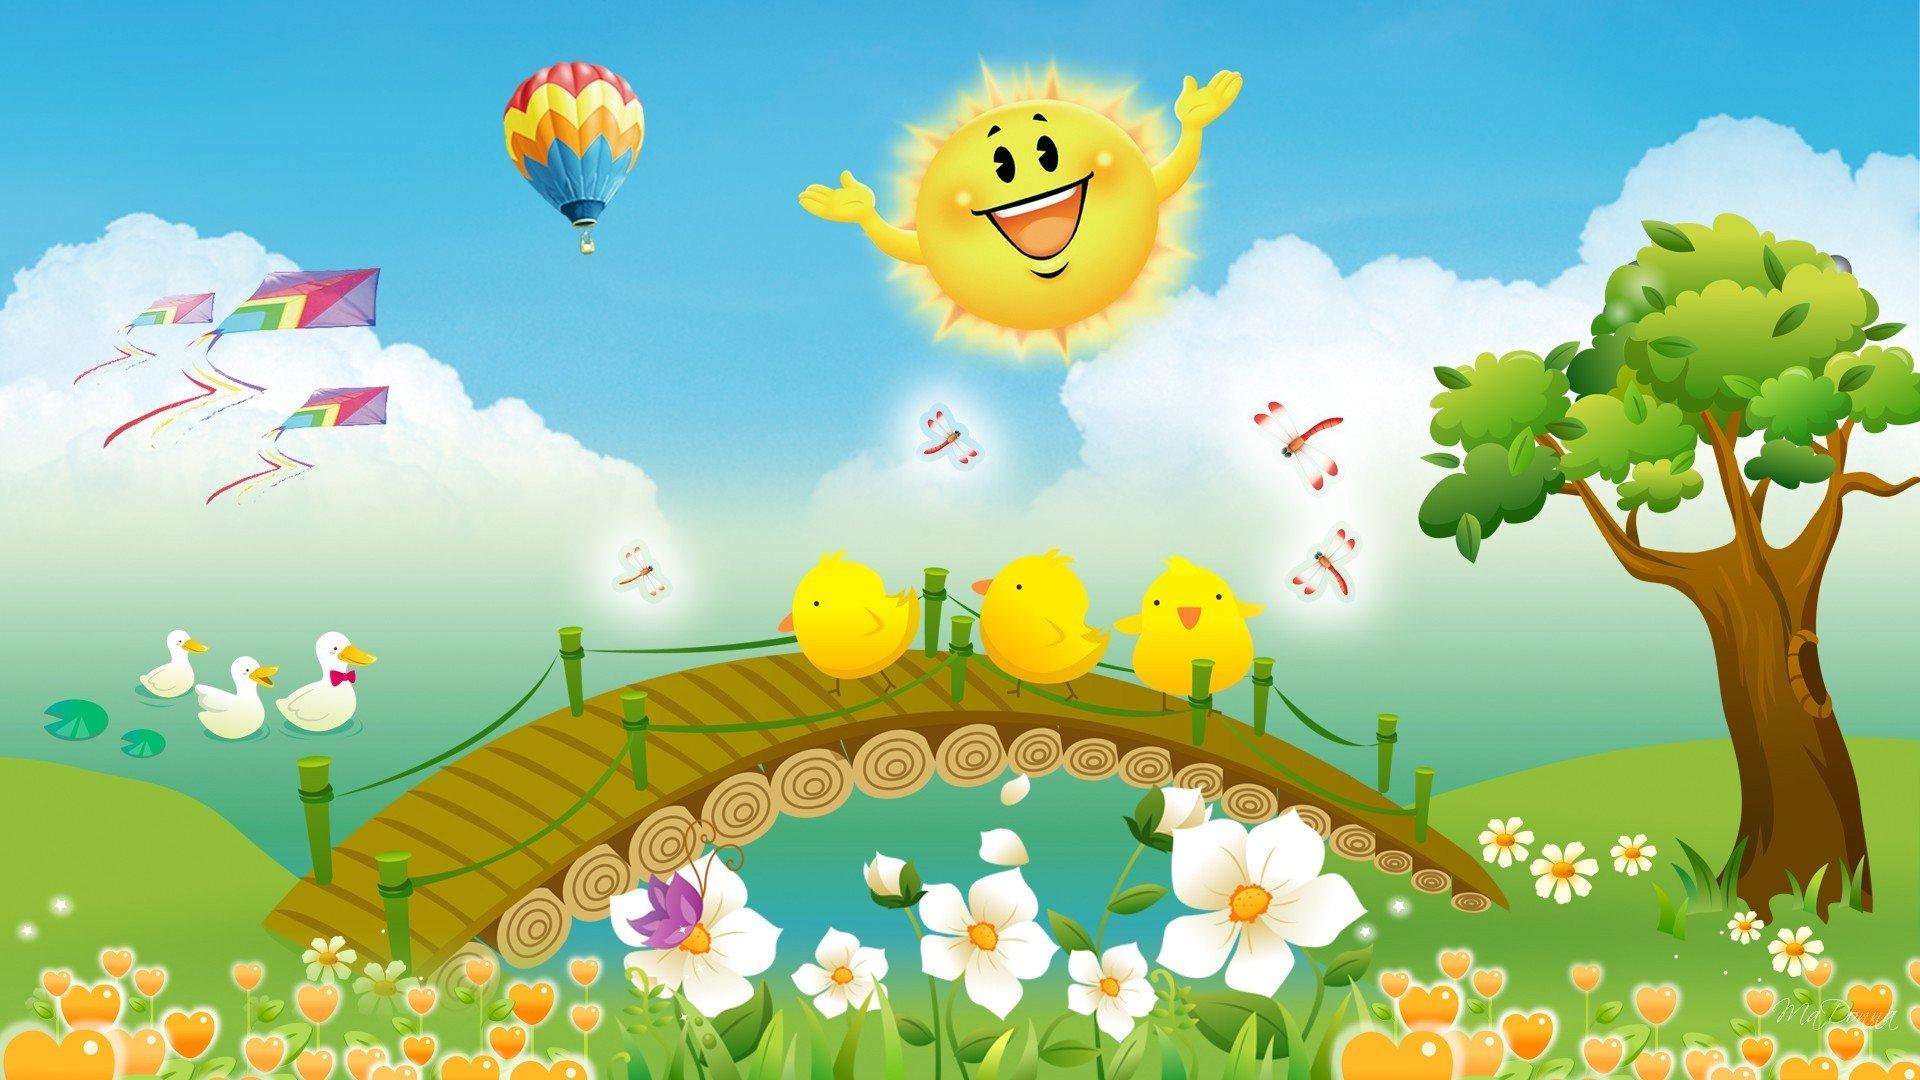 риэлторов красивые открытки про весну и солнышко были